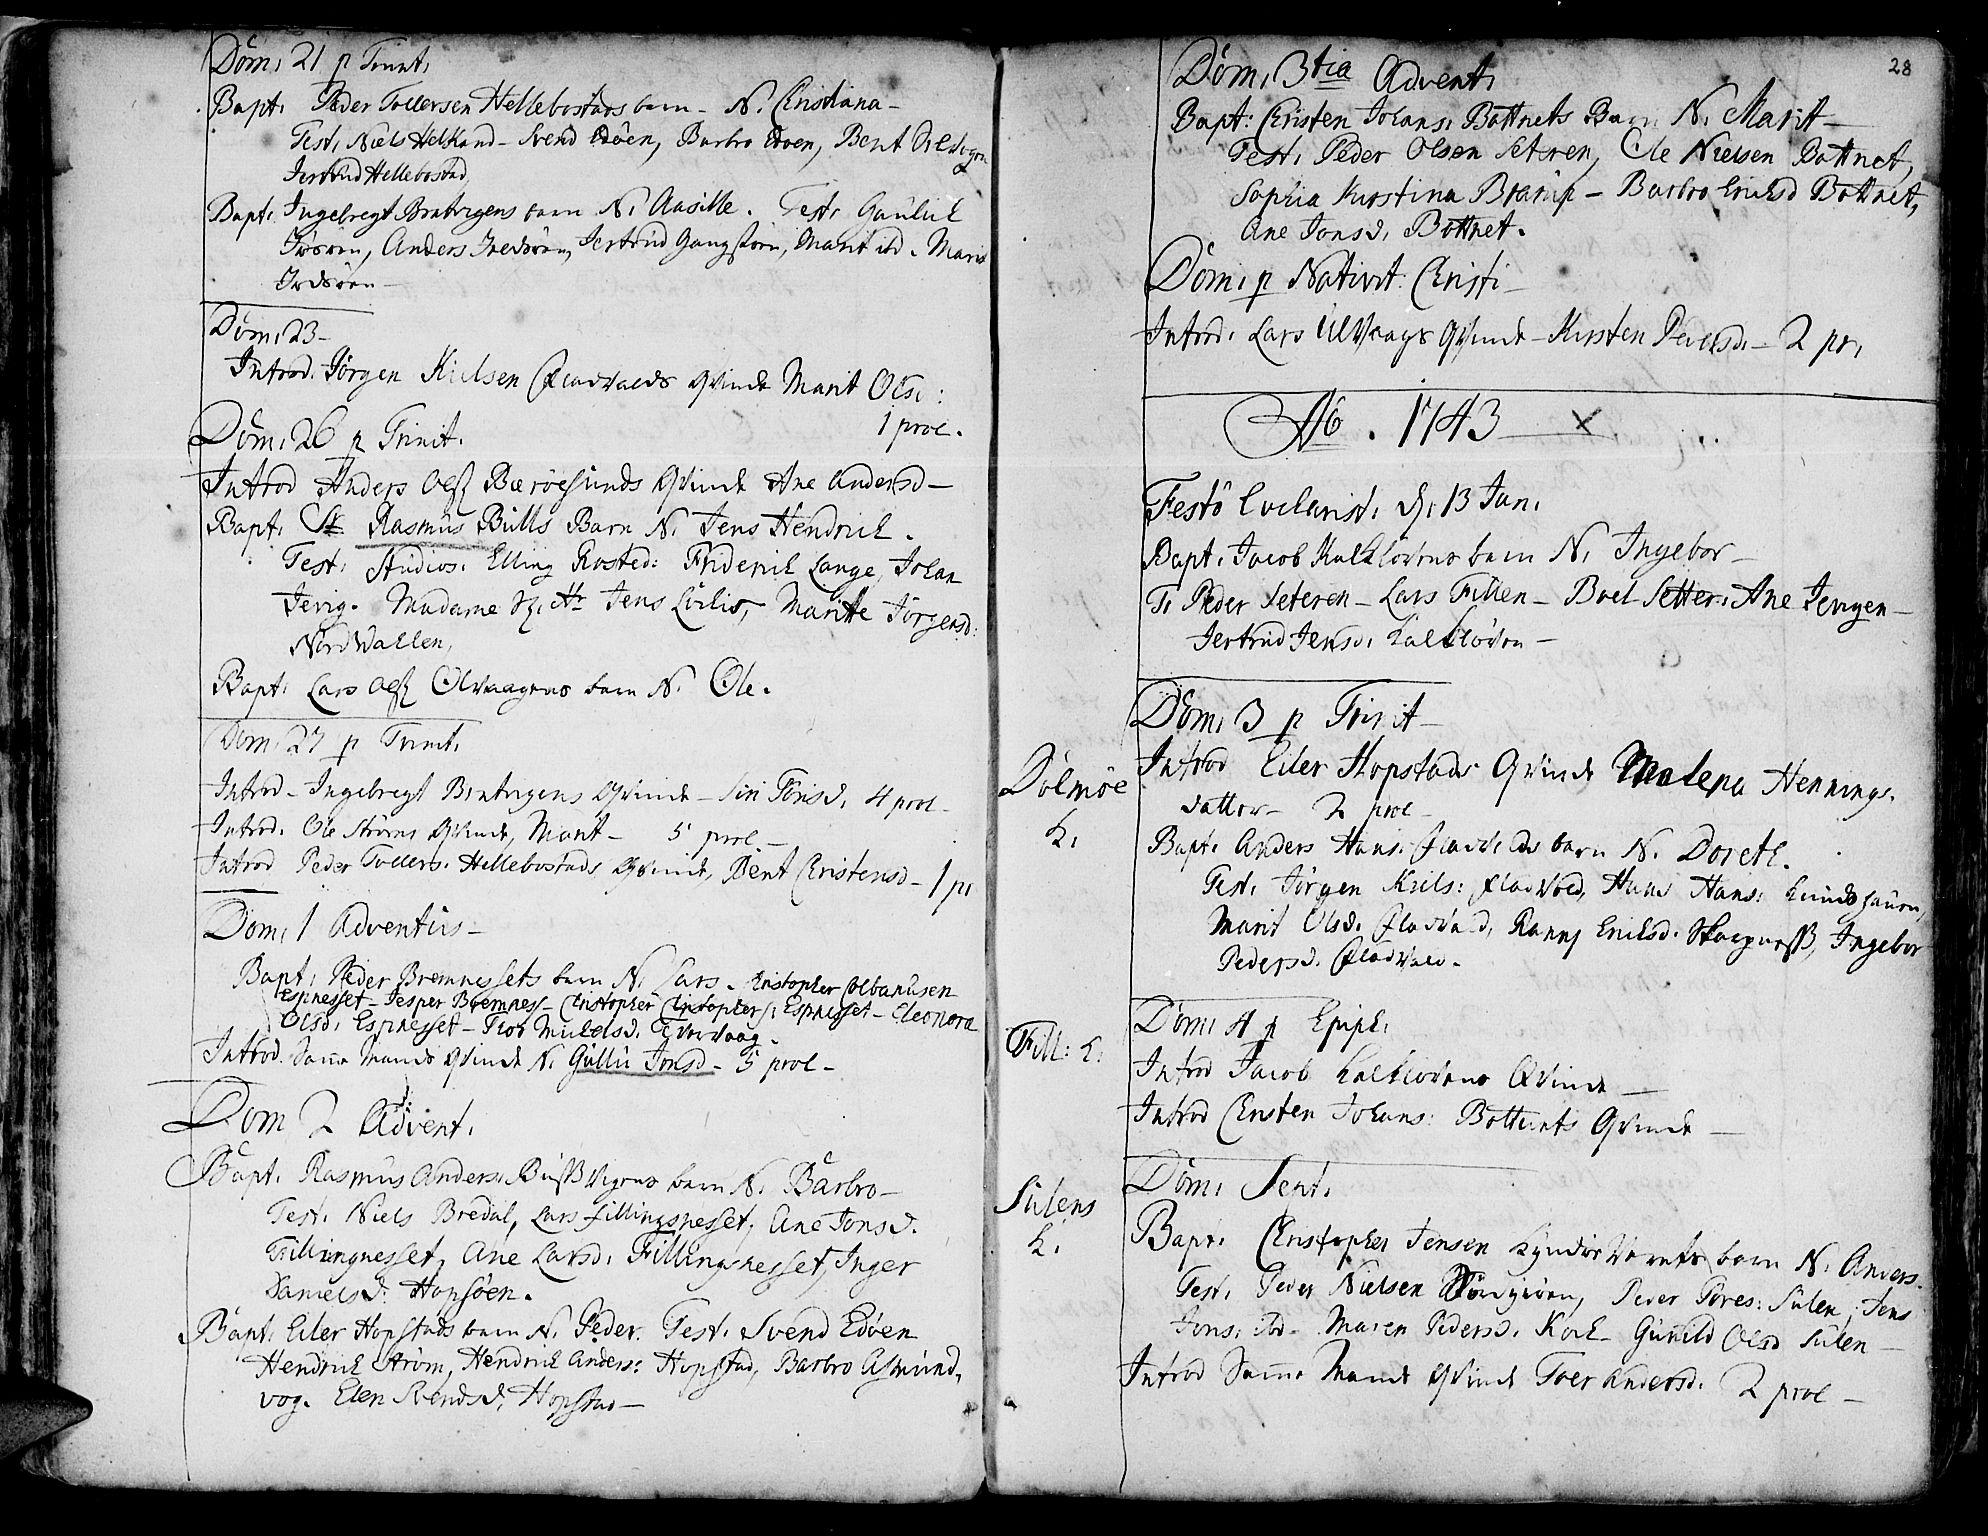 SAT, Ministerialprotokoller, klokkerbøker og fødselsregistre - Sør-Trøndelag, 634/L0525: Ministerialbok nr. 634A01, 1736-1775, s. 28